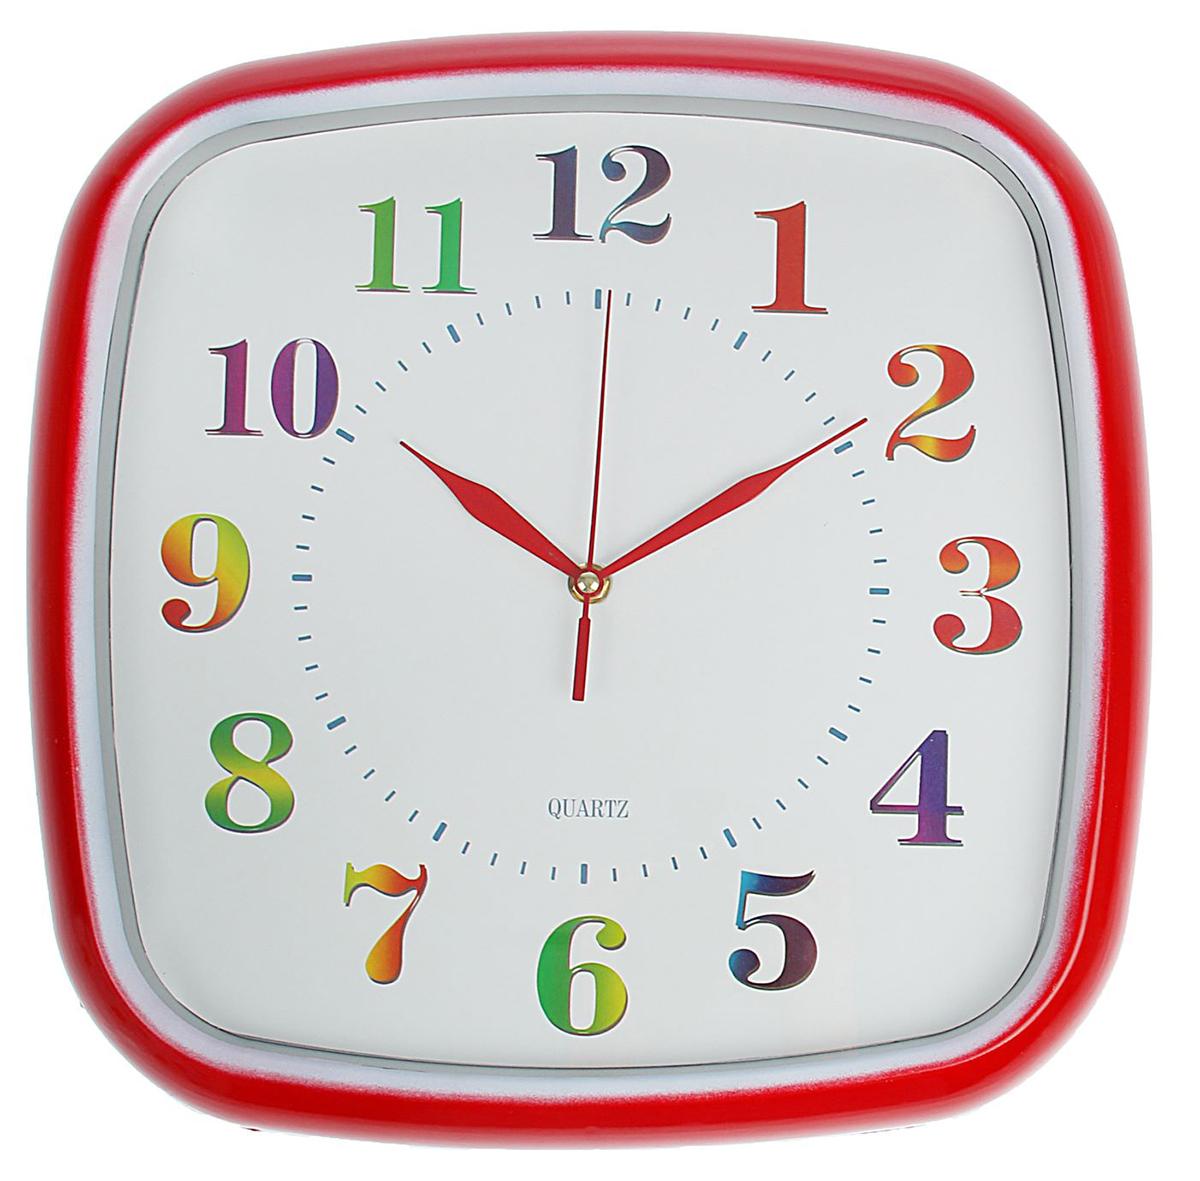 Часы настенные Разноцветные цифры, 38 х 38 см1586976Каждому хозяину периодически приходит мысль обновить свою квартиру, сделать ремонт, перестановку или кардинально поменять внешний вид каждой комнаты. Часы настенные квадратные Разноцветные цифры — привлекательная деталь, которая поможет воплотить вашу интерьерную идею, создать неповторимую атмосферу в вашем доме. Окружите себя приятными мелочами, пусть они радуют глаз и дарят гармонию.